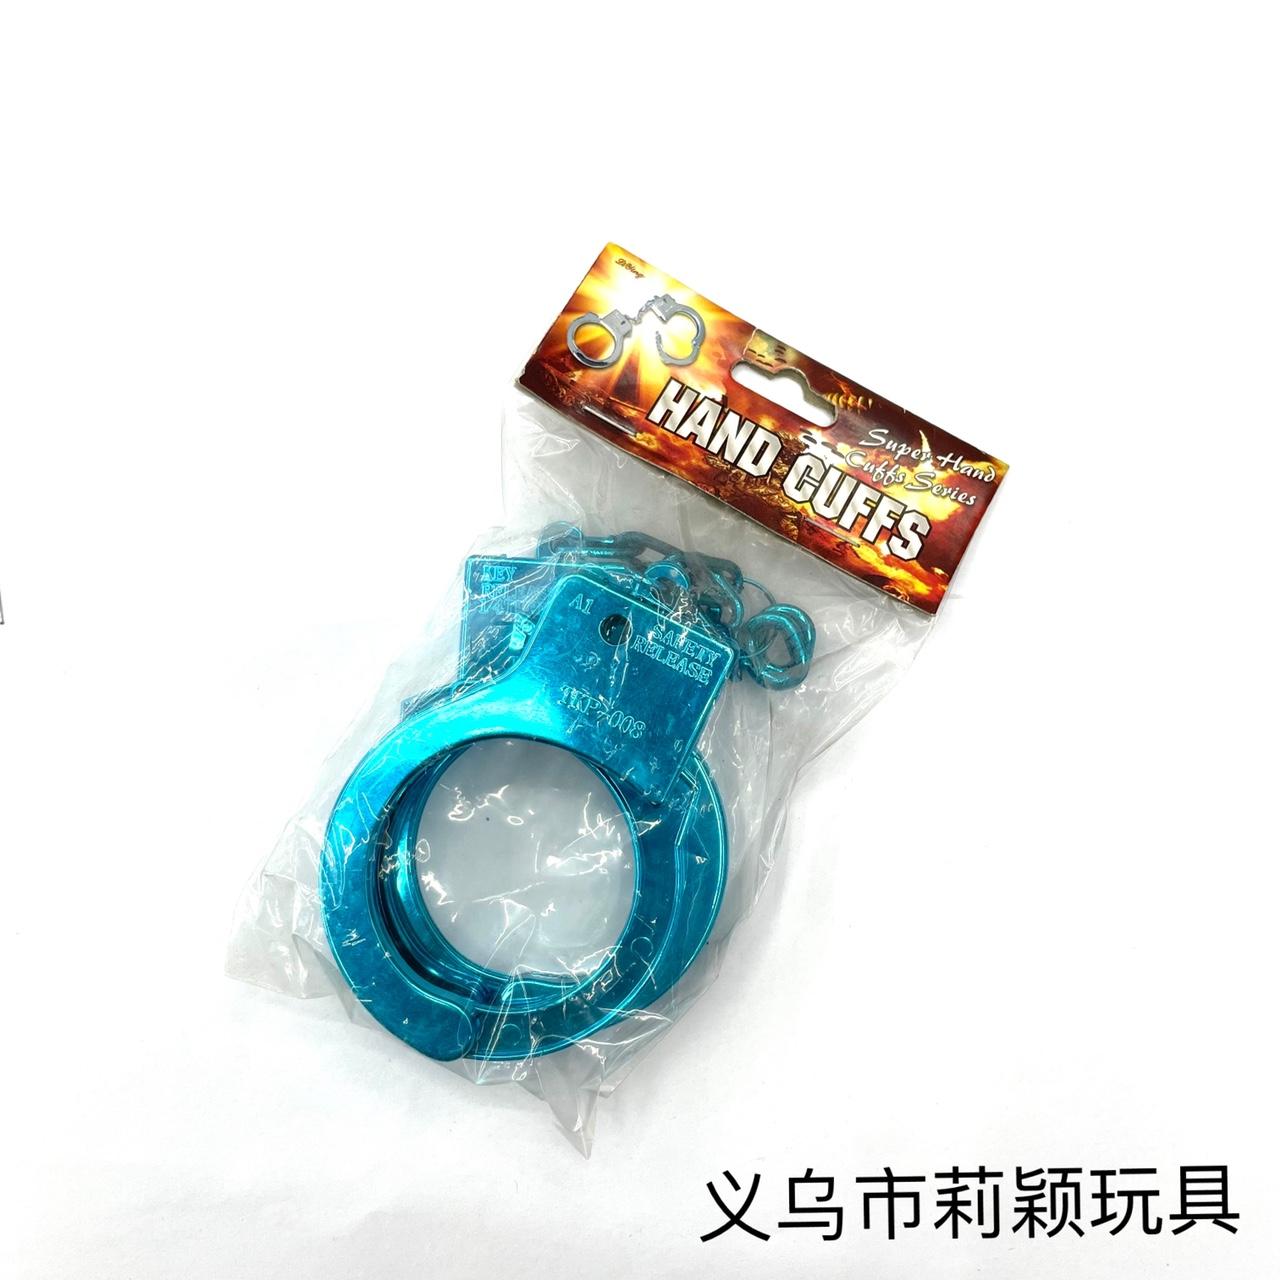 手铐 008吊卡塑料手铐手铐玩具手铐镀膜塑胶手铐情侣手铐万圣节手铐儿童玩具手铐 蓝色